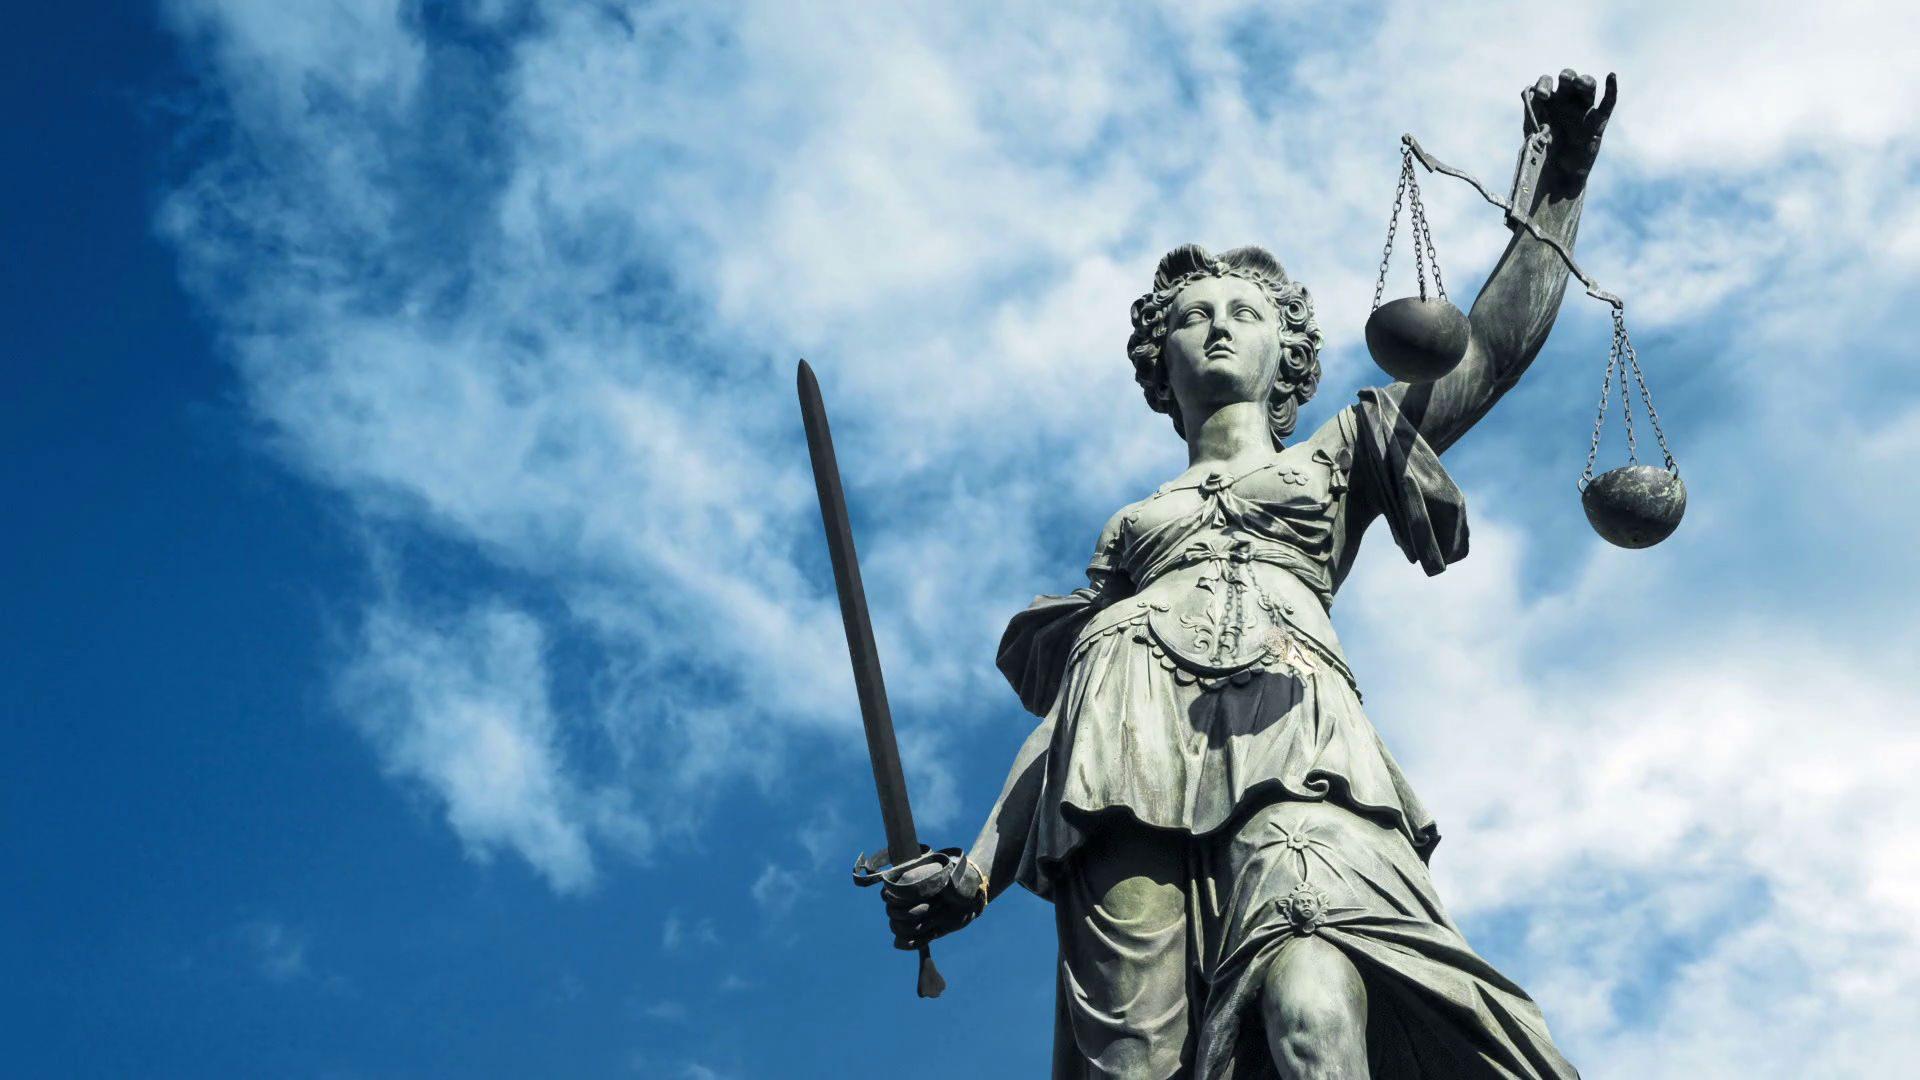 Xustiza e ciencia ¿Son realmente independentes?